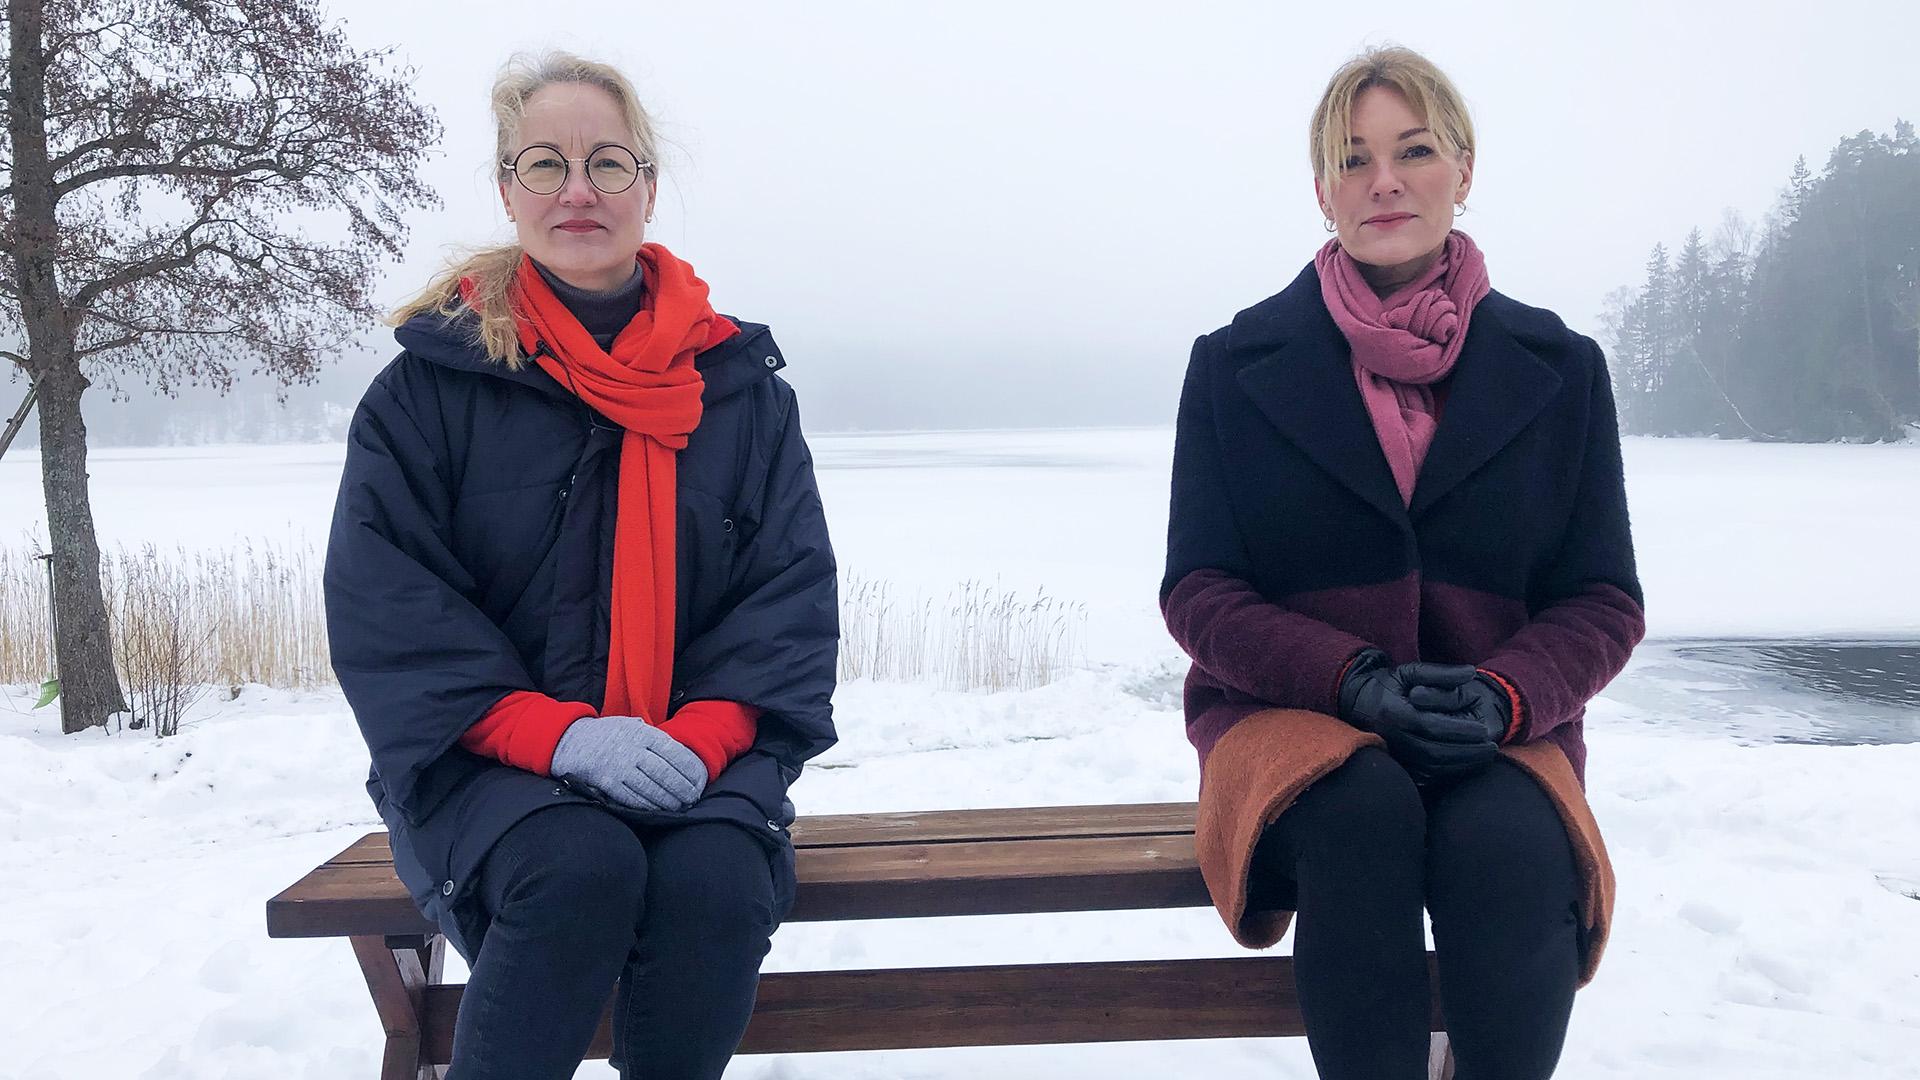 Cancerfondens generalsekreterare Ulrika Årehed Kågström och Hjärt- och lungfondens generalsekreterare Krisitina Sparreljung sitter på en bänk.